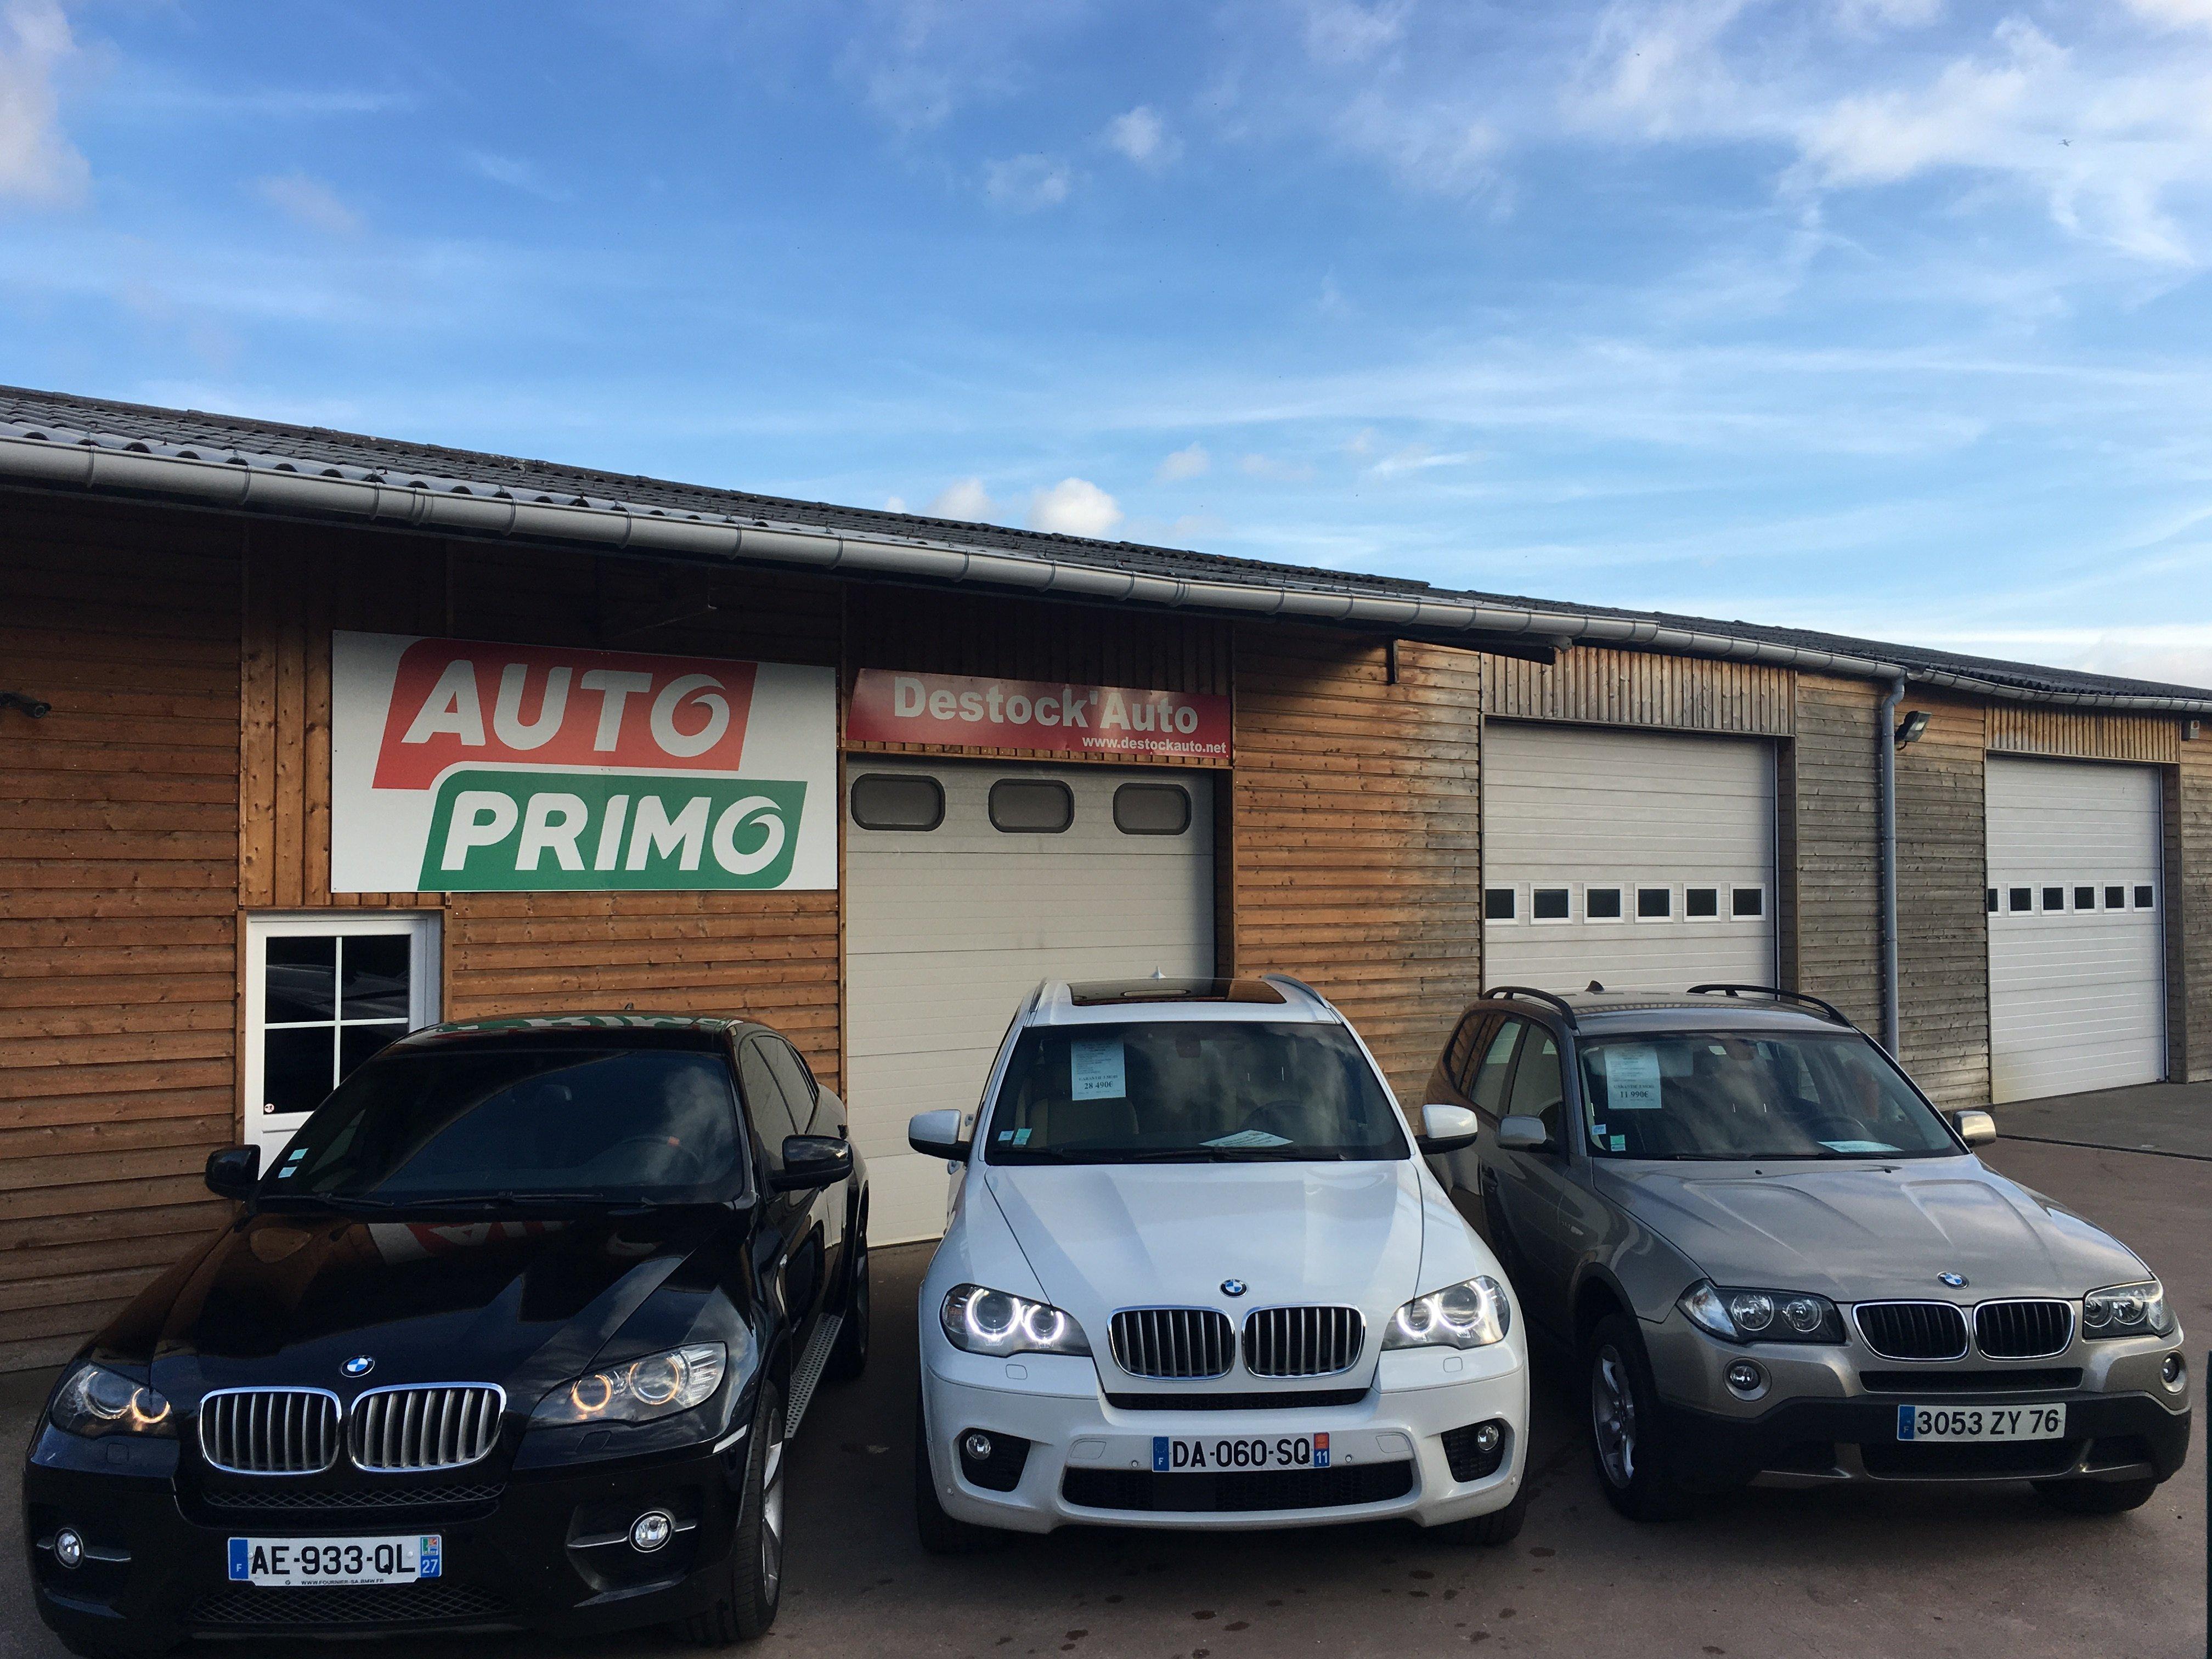 Le garage Destock Auto